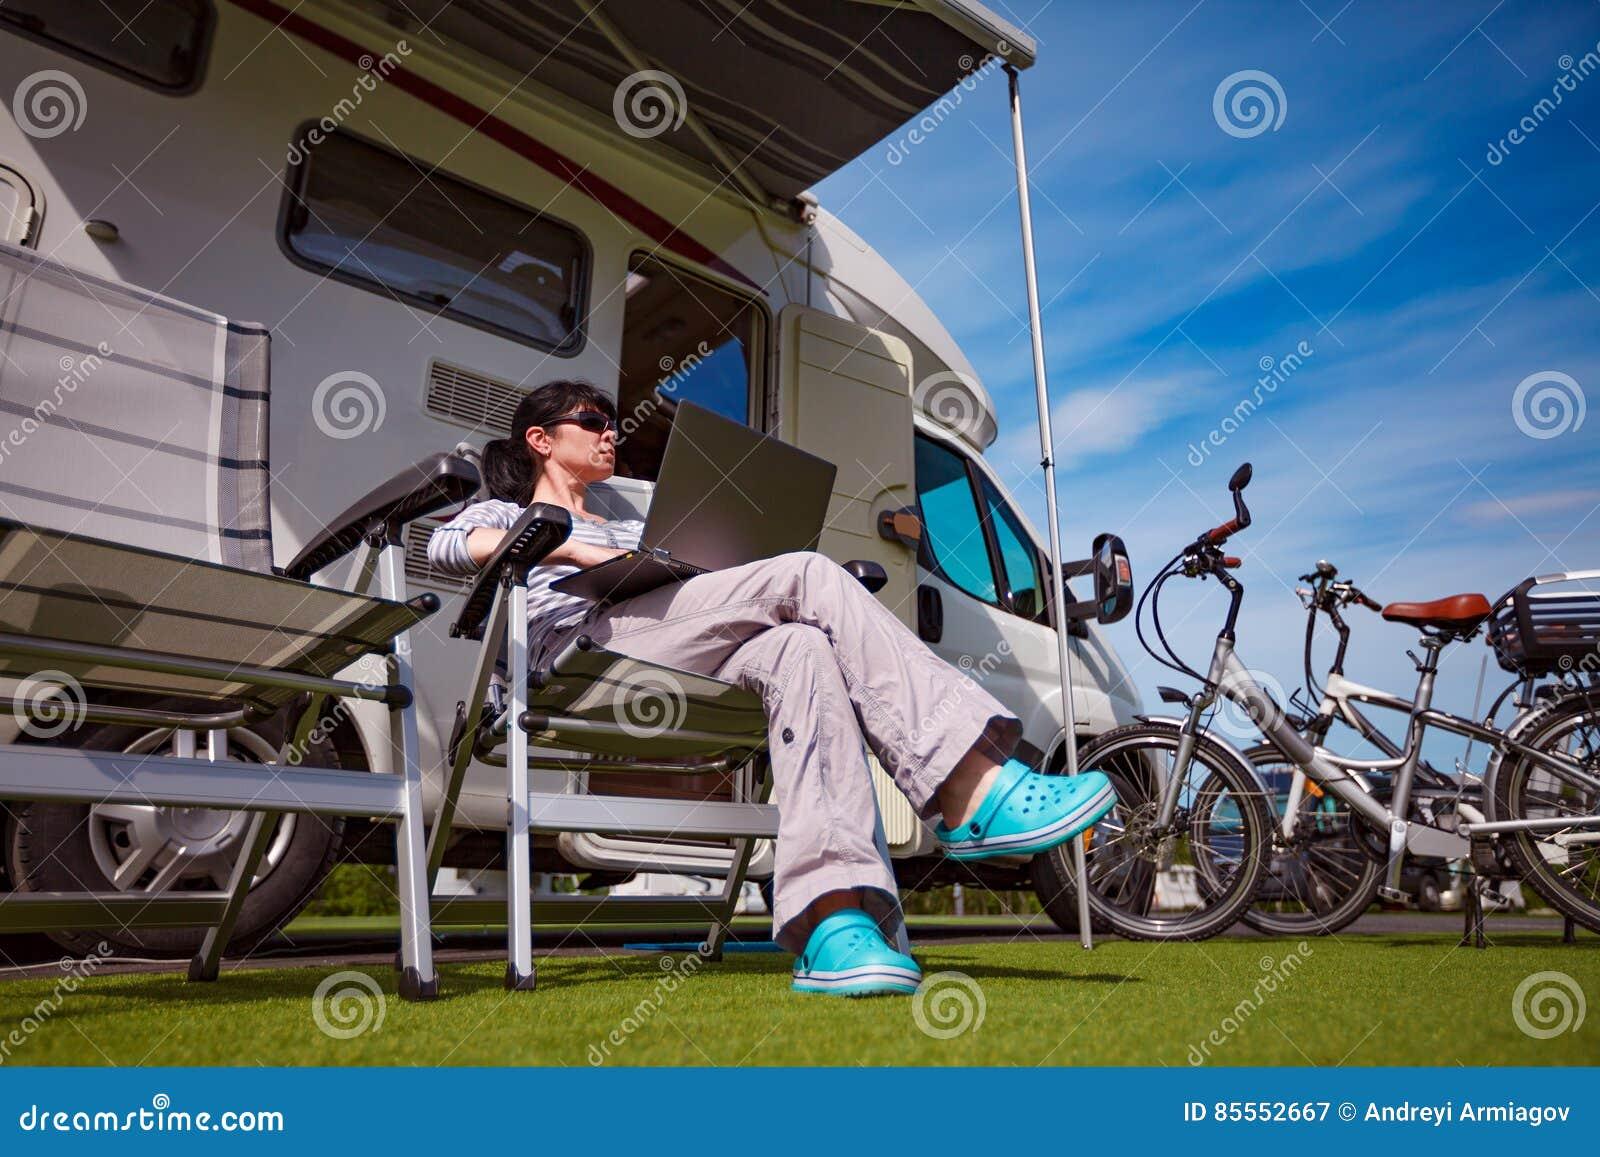 Frau, die auf einem Stuhl nahe dem Camper sitzt und einen Laptop betrachtet